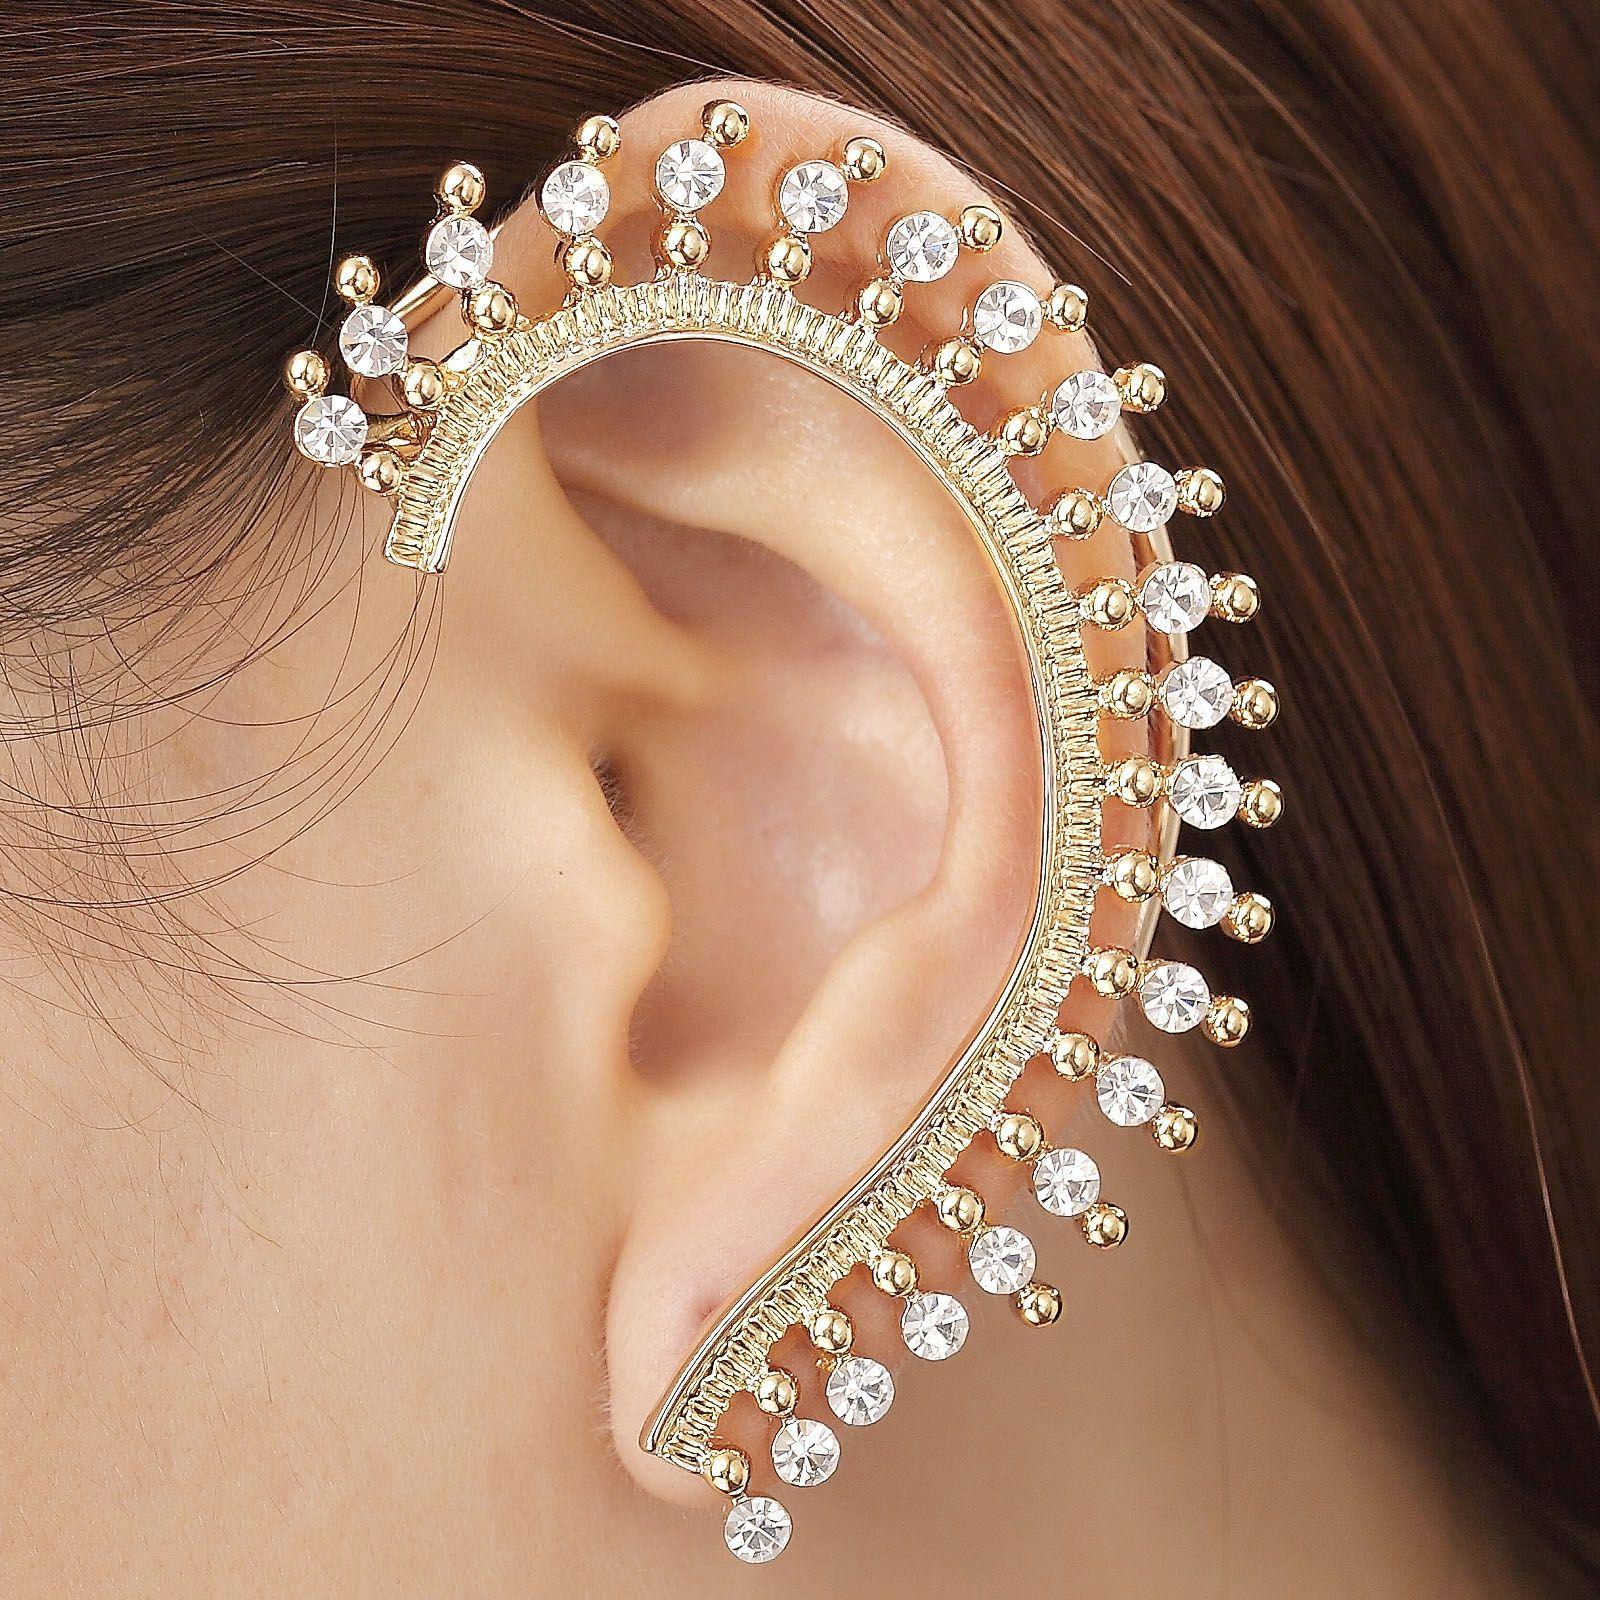 Cute Ear Piercing Ideas Tumblr - Viewing Gallery | Peircings ...